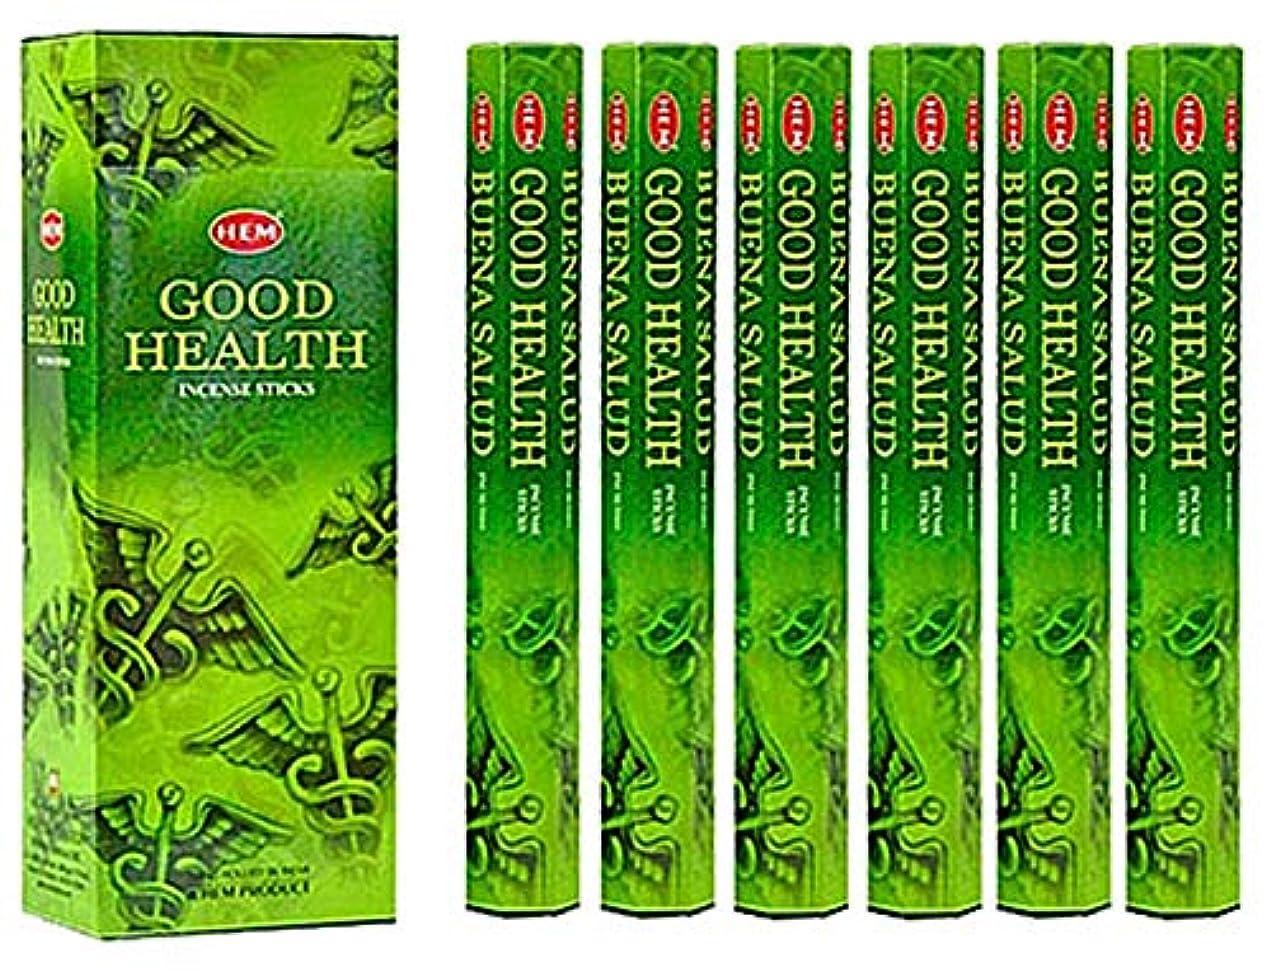 マエストロ純粋なメッセンジャーHEM(ヘム)社 グッドヘルス香 スティック GOOD HEALTH 6箱セット